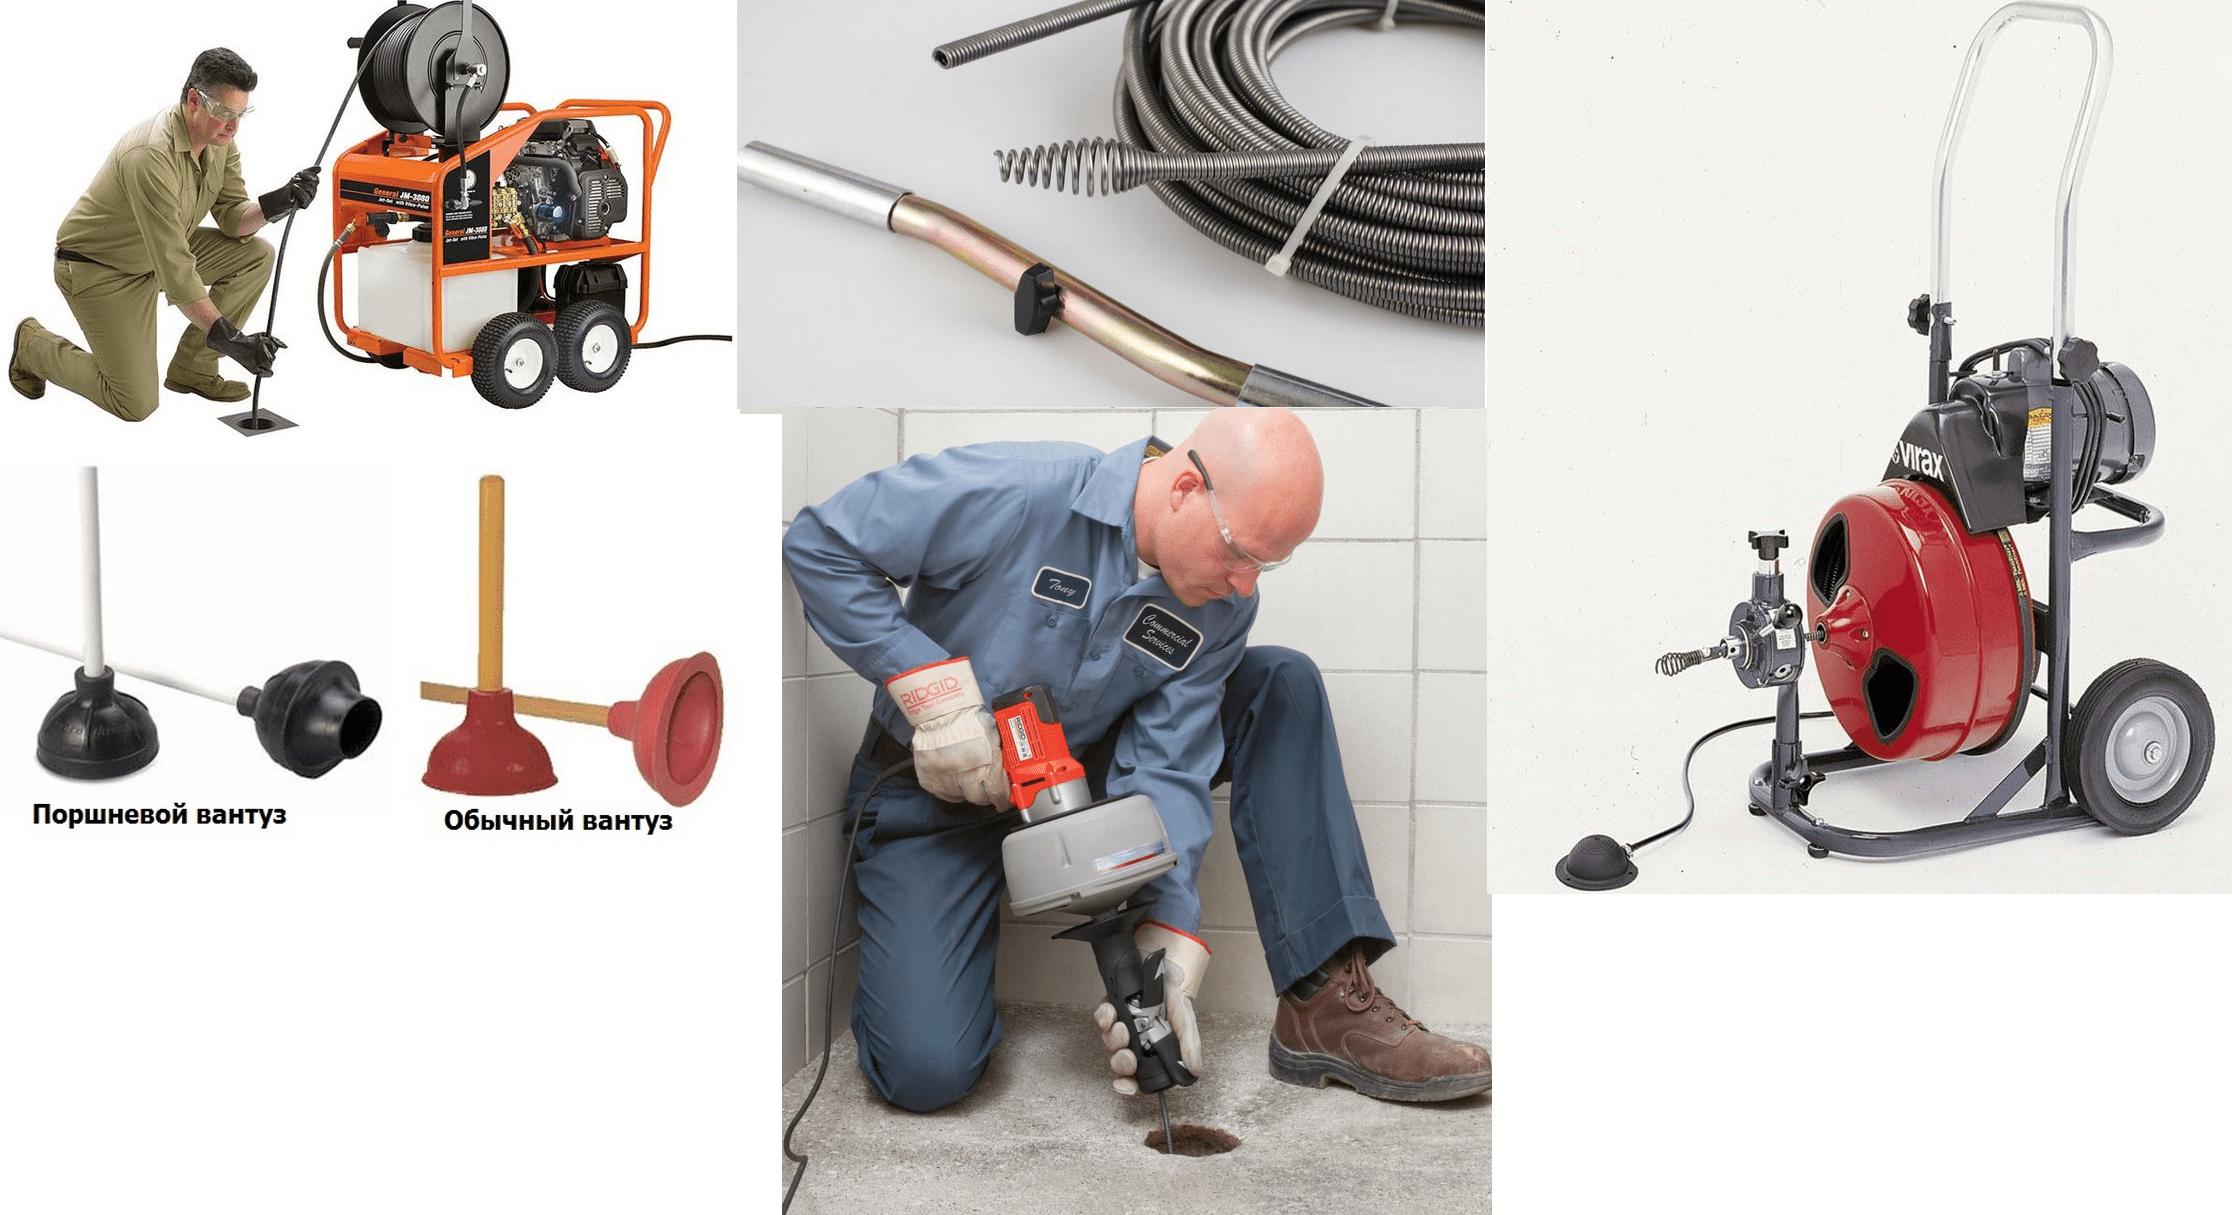 Оборудование для чистки канализации и прочистки труб